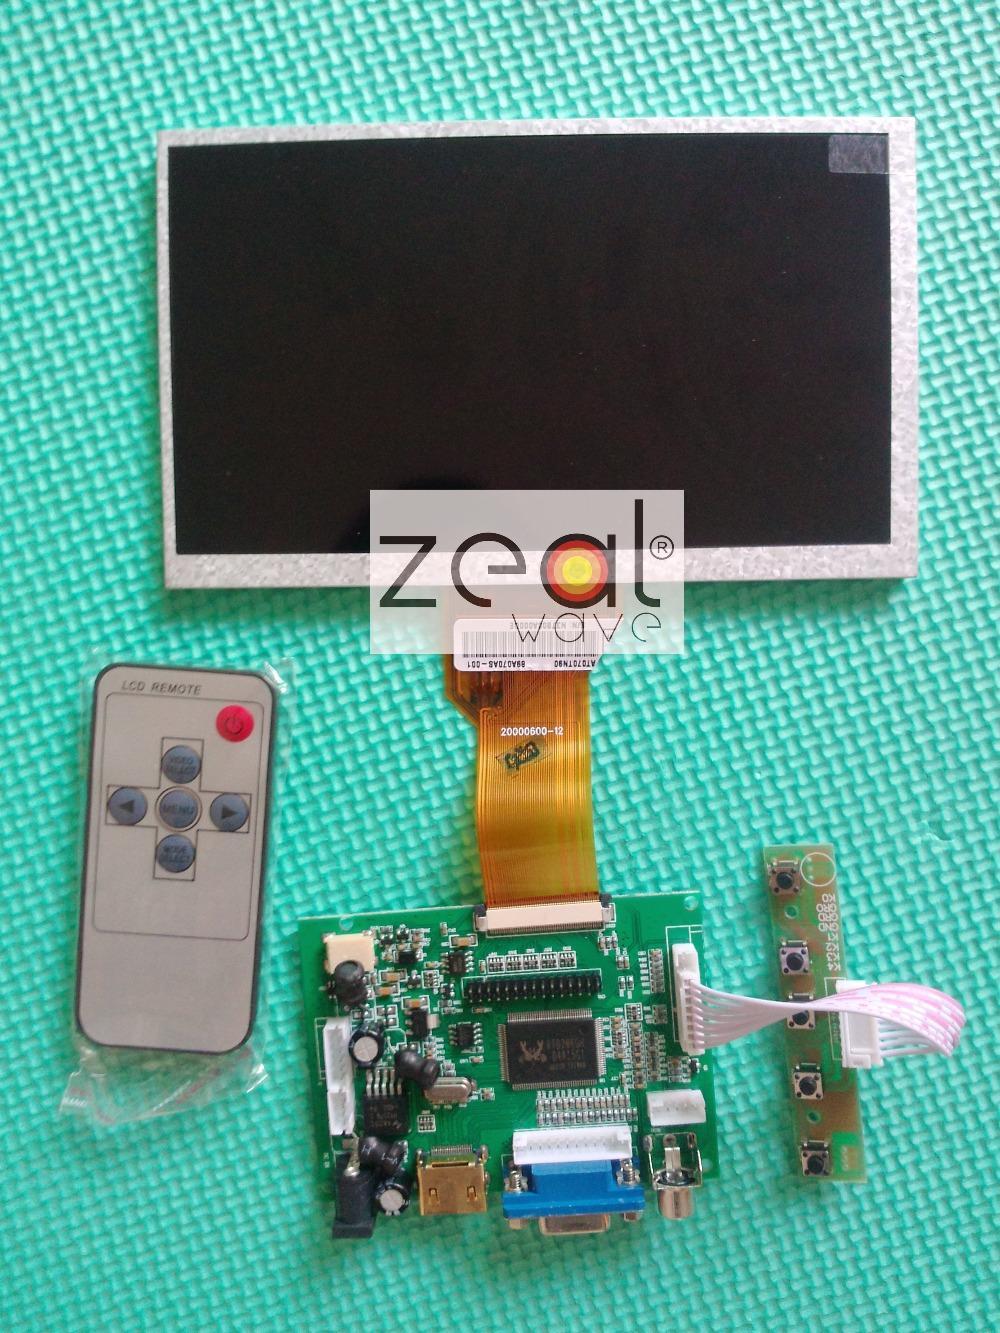 Bricolage 50 broches 7 pouces TFT LCD Module + HDMI & VGA & 2AV A/D conseil 800*480 résolution voiture PC écran d'affichage avec télécommande